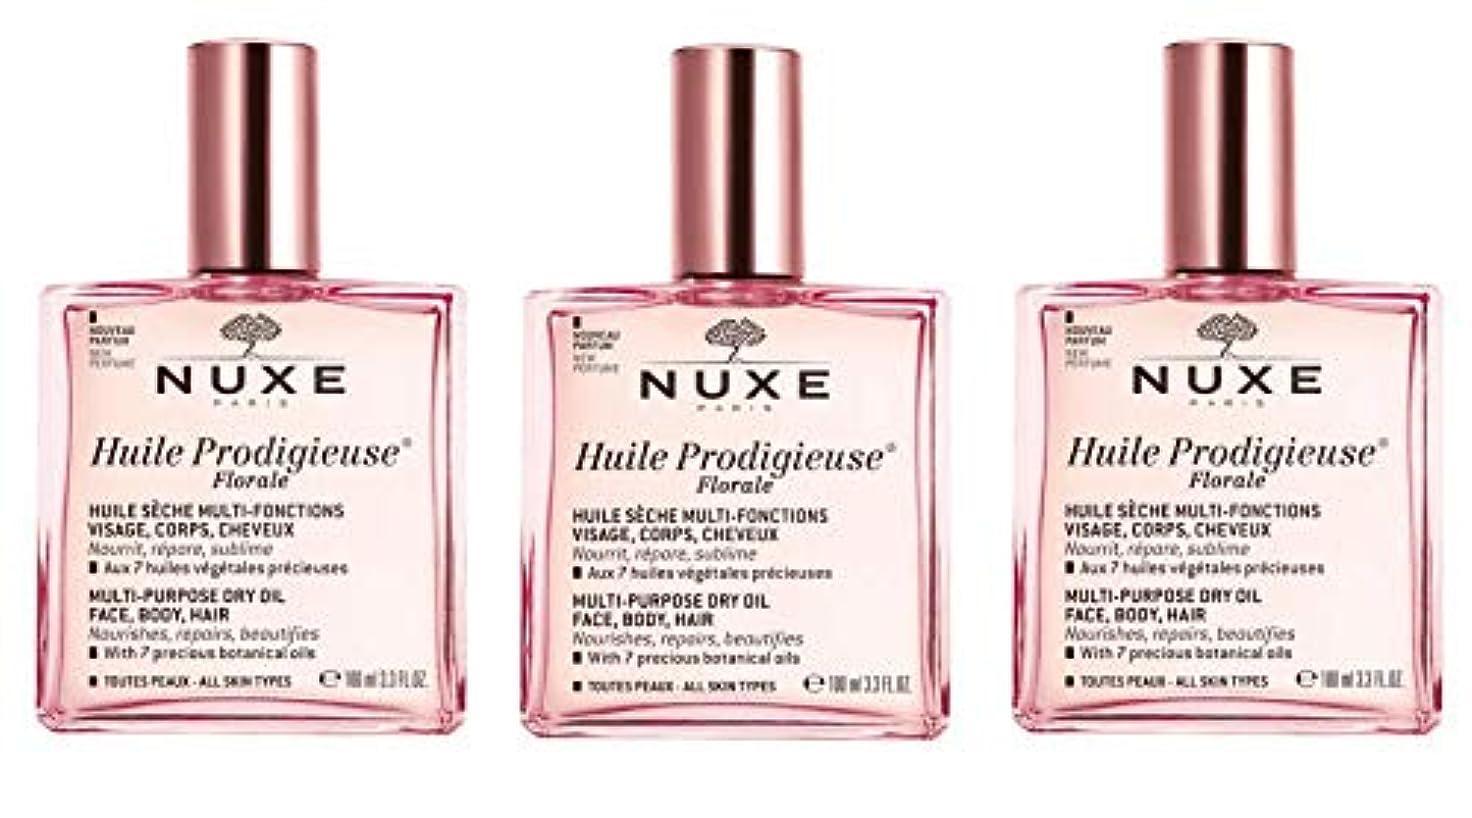 既にモールス信号絡まるニュクス NUXE プロディジュー フローラルオイル 100ml 3本セット 花の香りと共に新発売 海外直送品